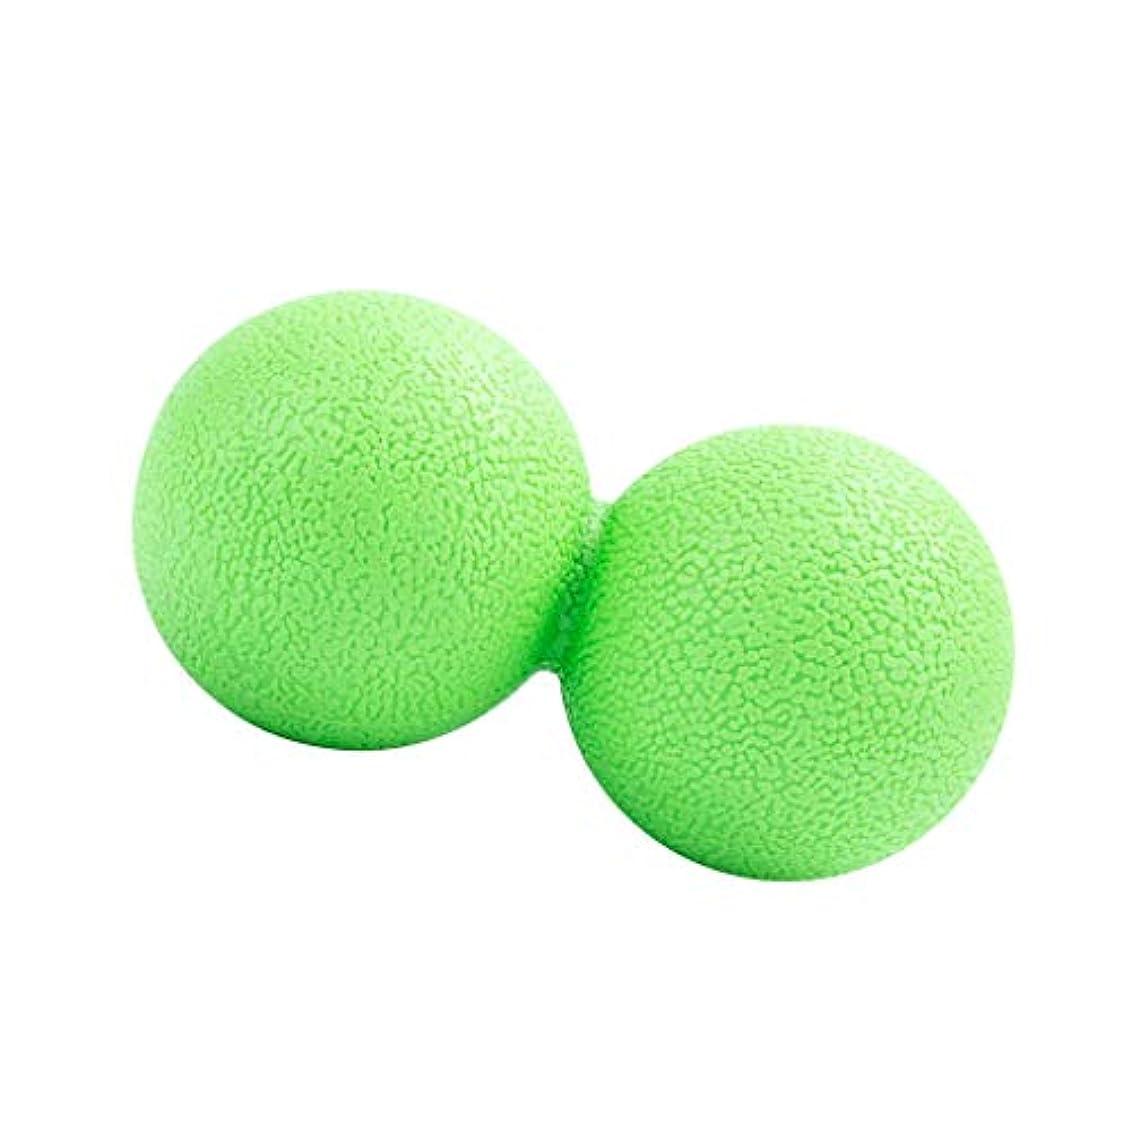 道徳ためらうエネルギーマッサージボール ピーナッツ型 筋リラクサー モビリティボール 健康器具 全2色 - 緑, 13cm